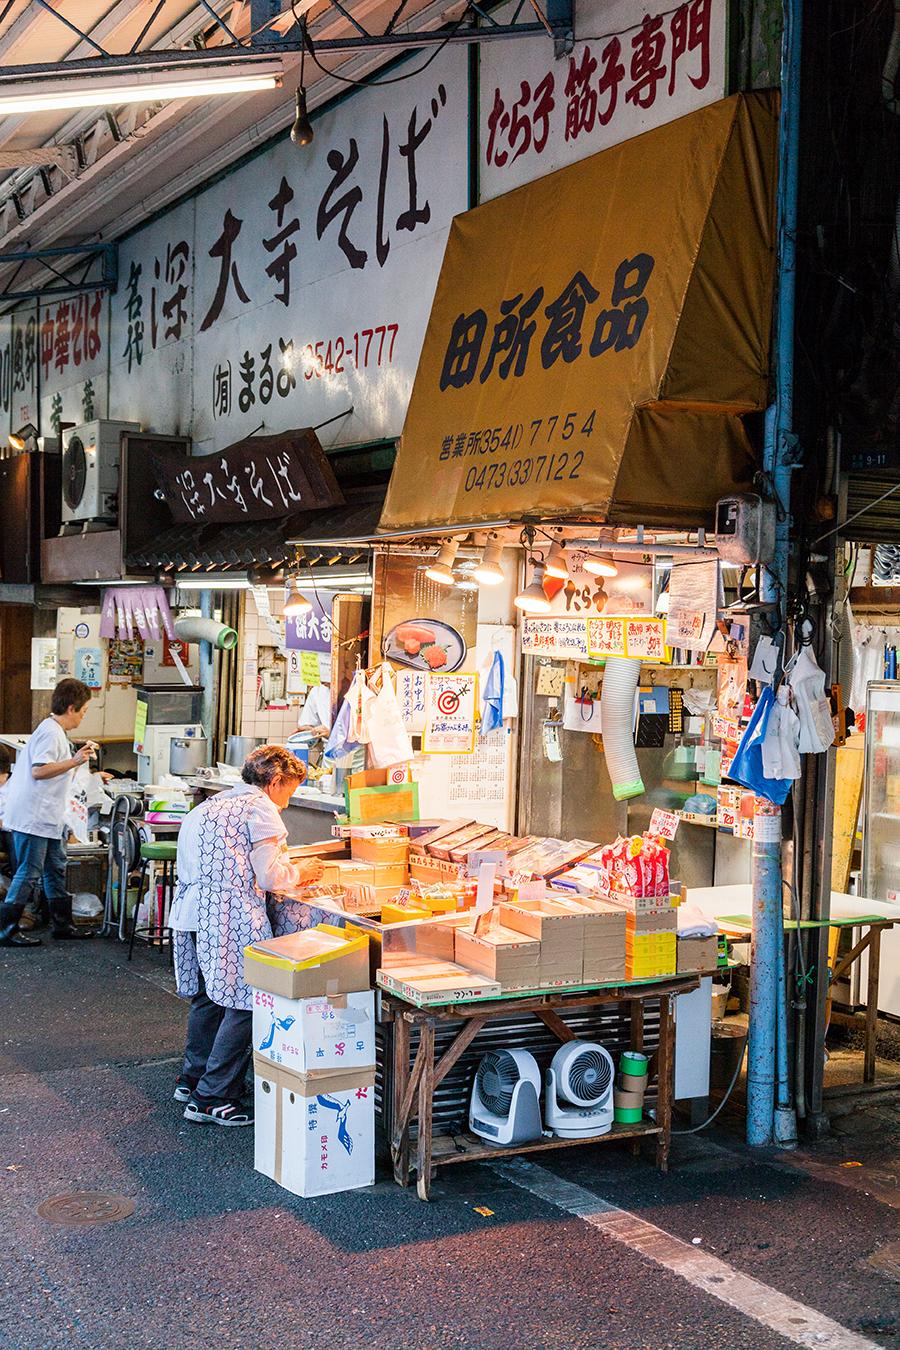 mercato del pesce tokyo bancarella